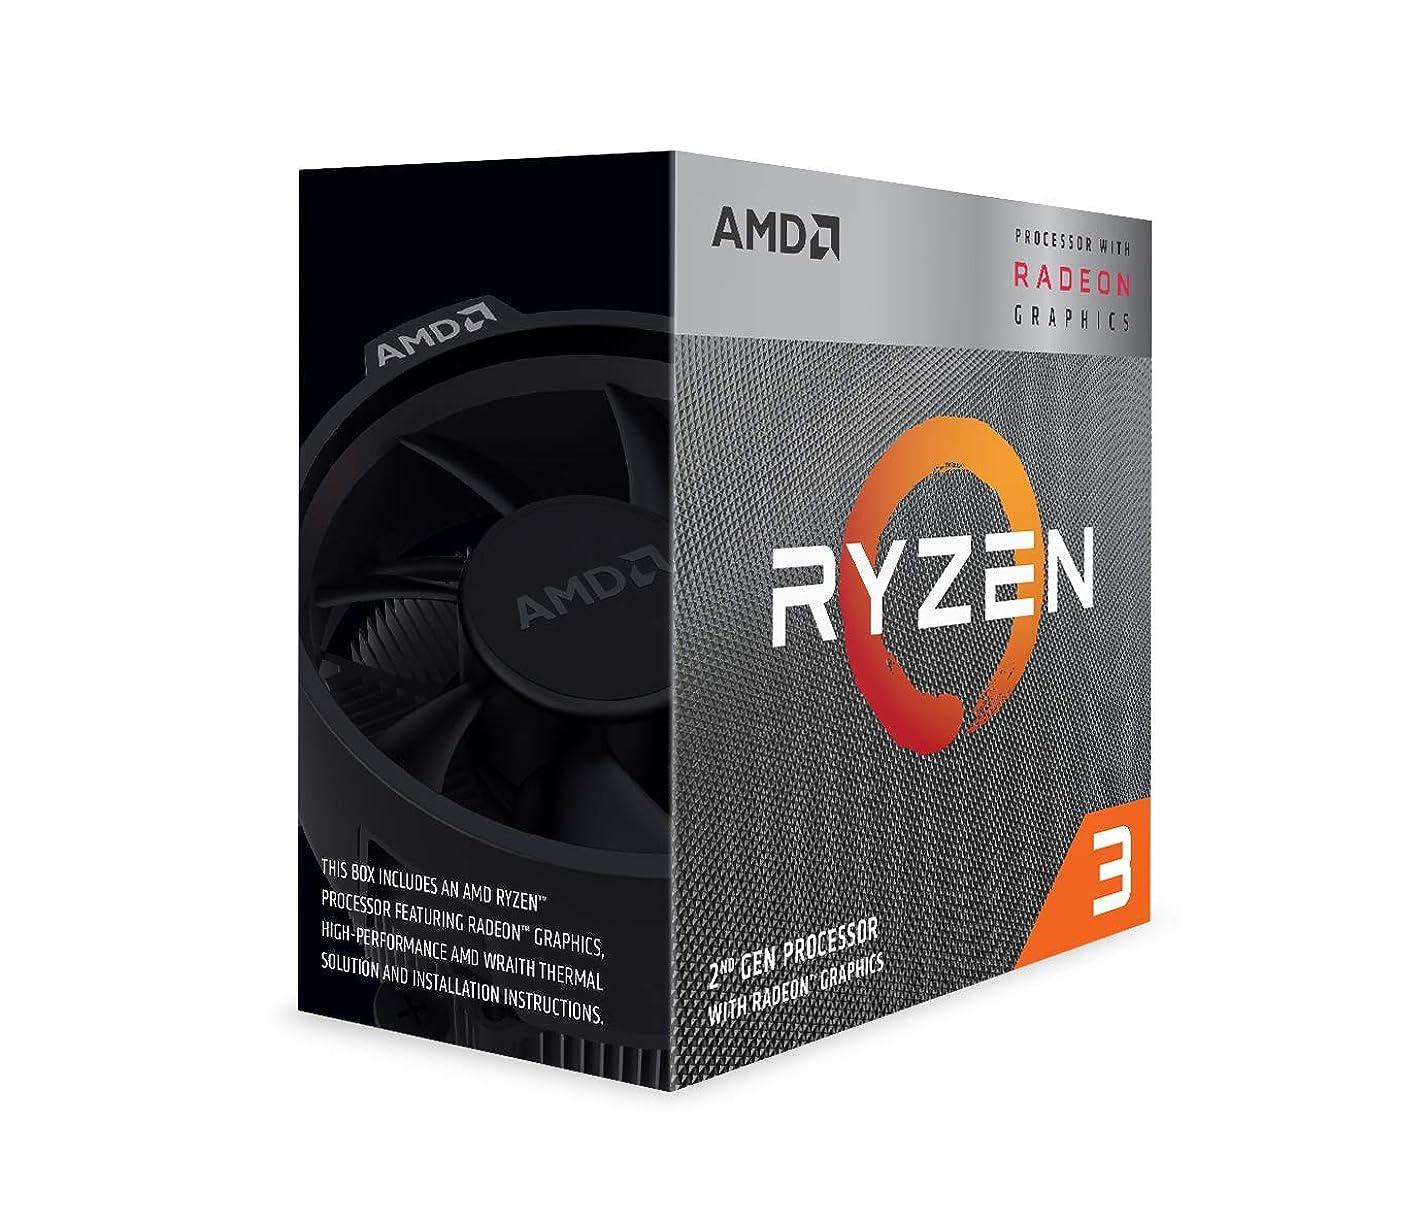 規制するスクリーチ学校教育AMD Ryzen 3 3200G with Wraith Stealth cooler 3.6GHz 4コア / 4スレッド 65W【国内正規代理店品】 YD3200C5FHBOX